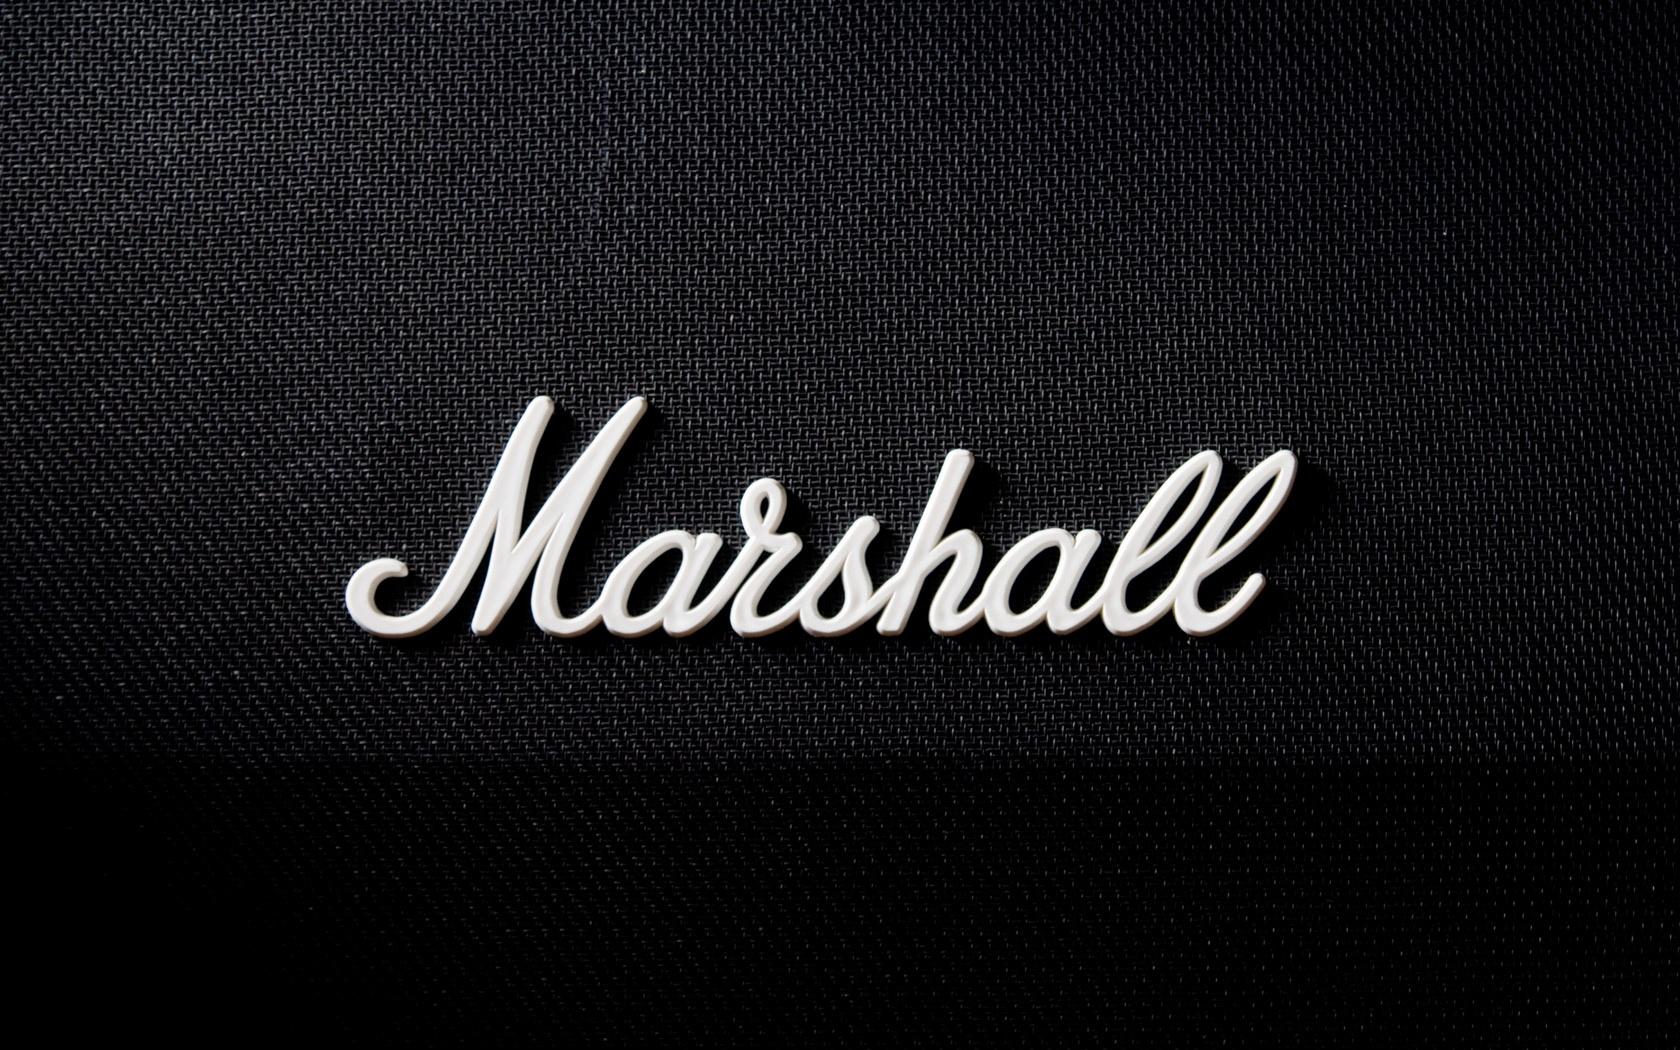 marshall logo wallpaper 44667